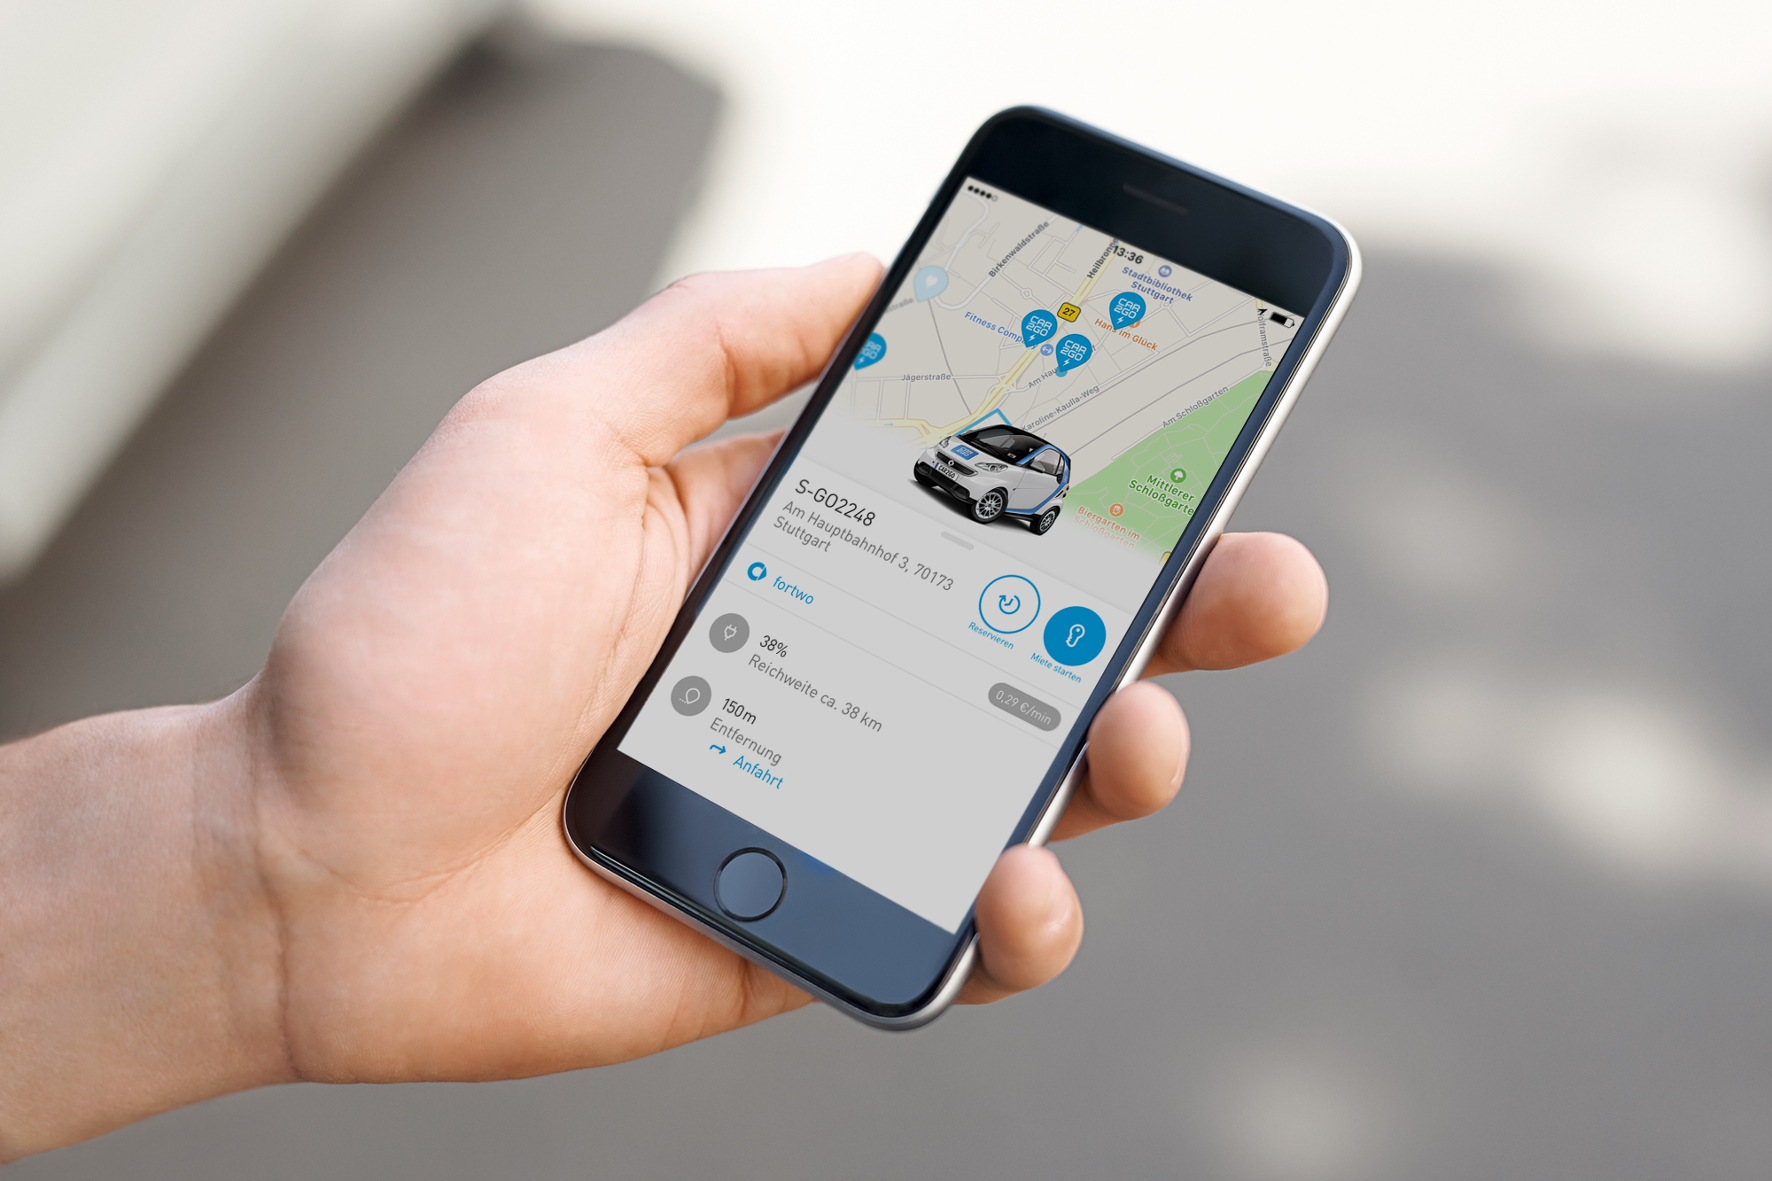 Android und iOS beeinflussen die Reiselust von Smartphone-Besitzern